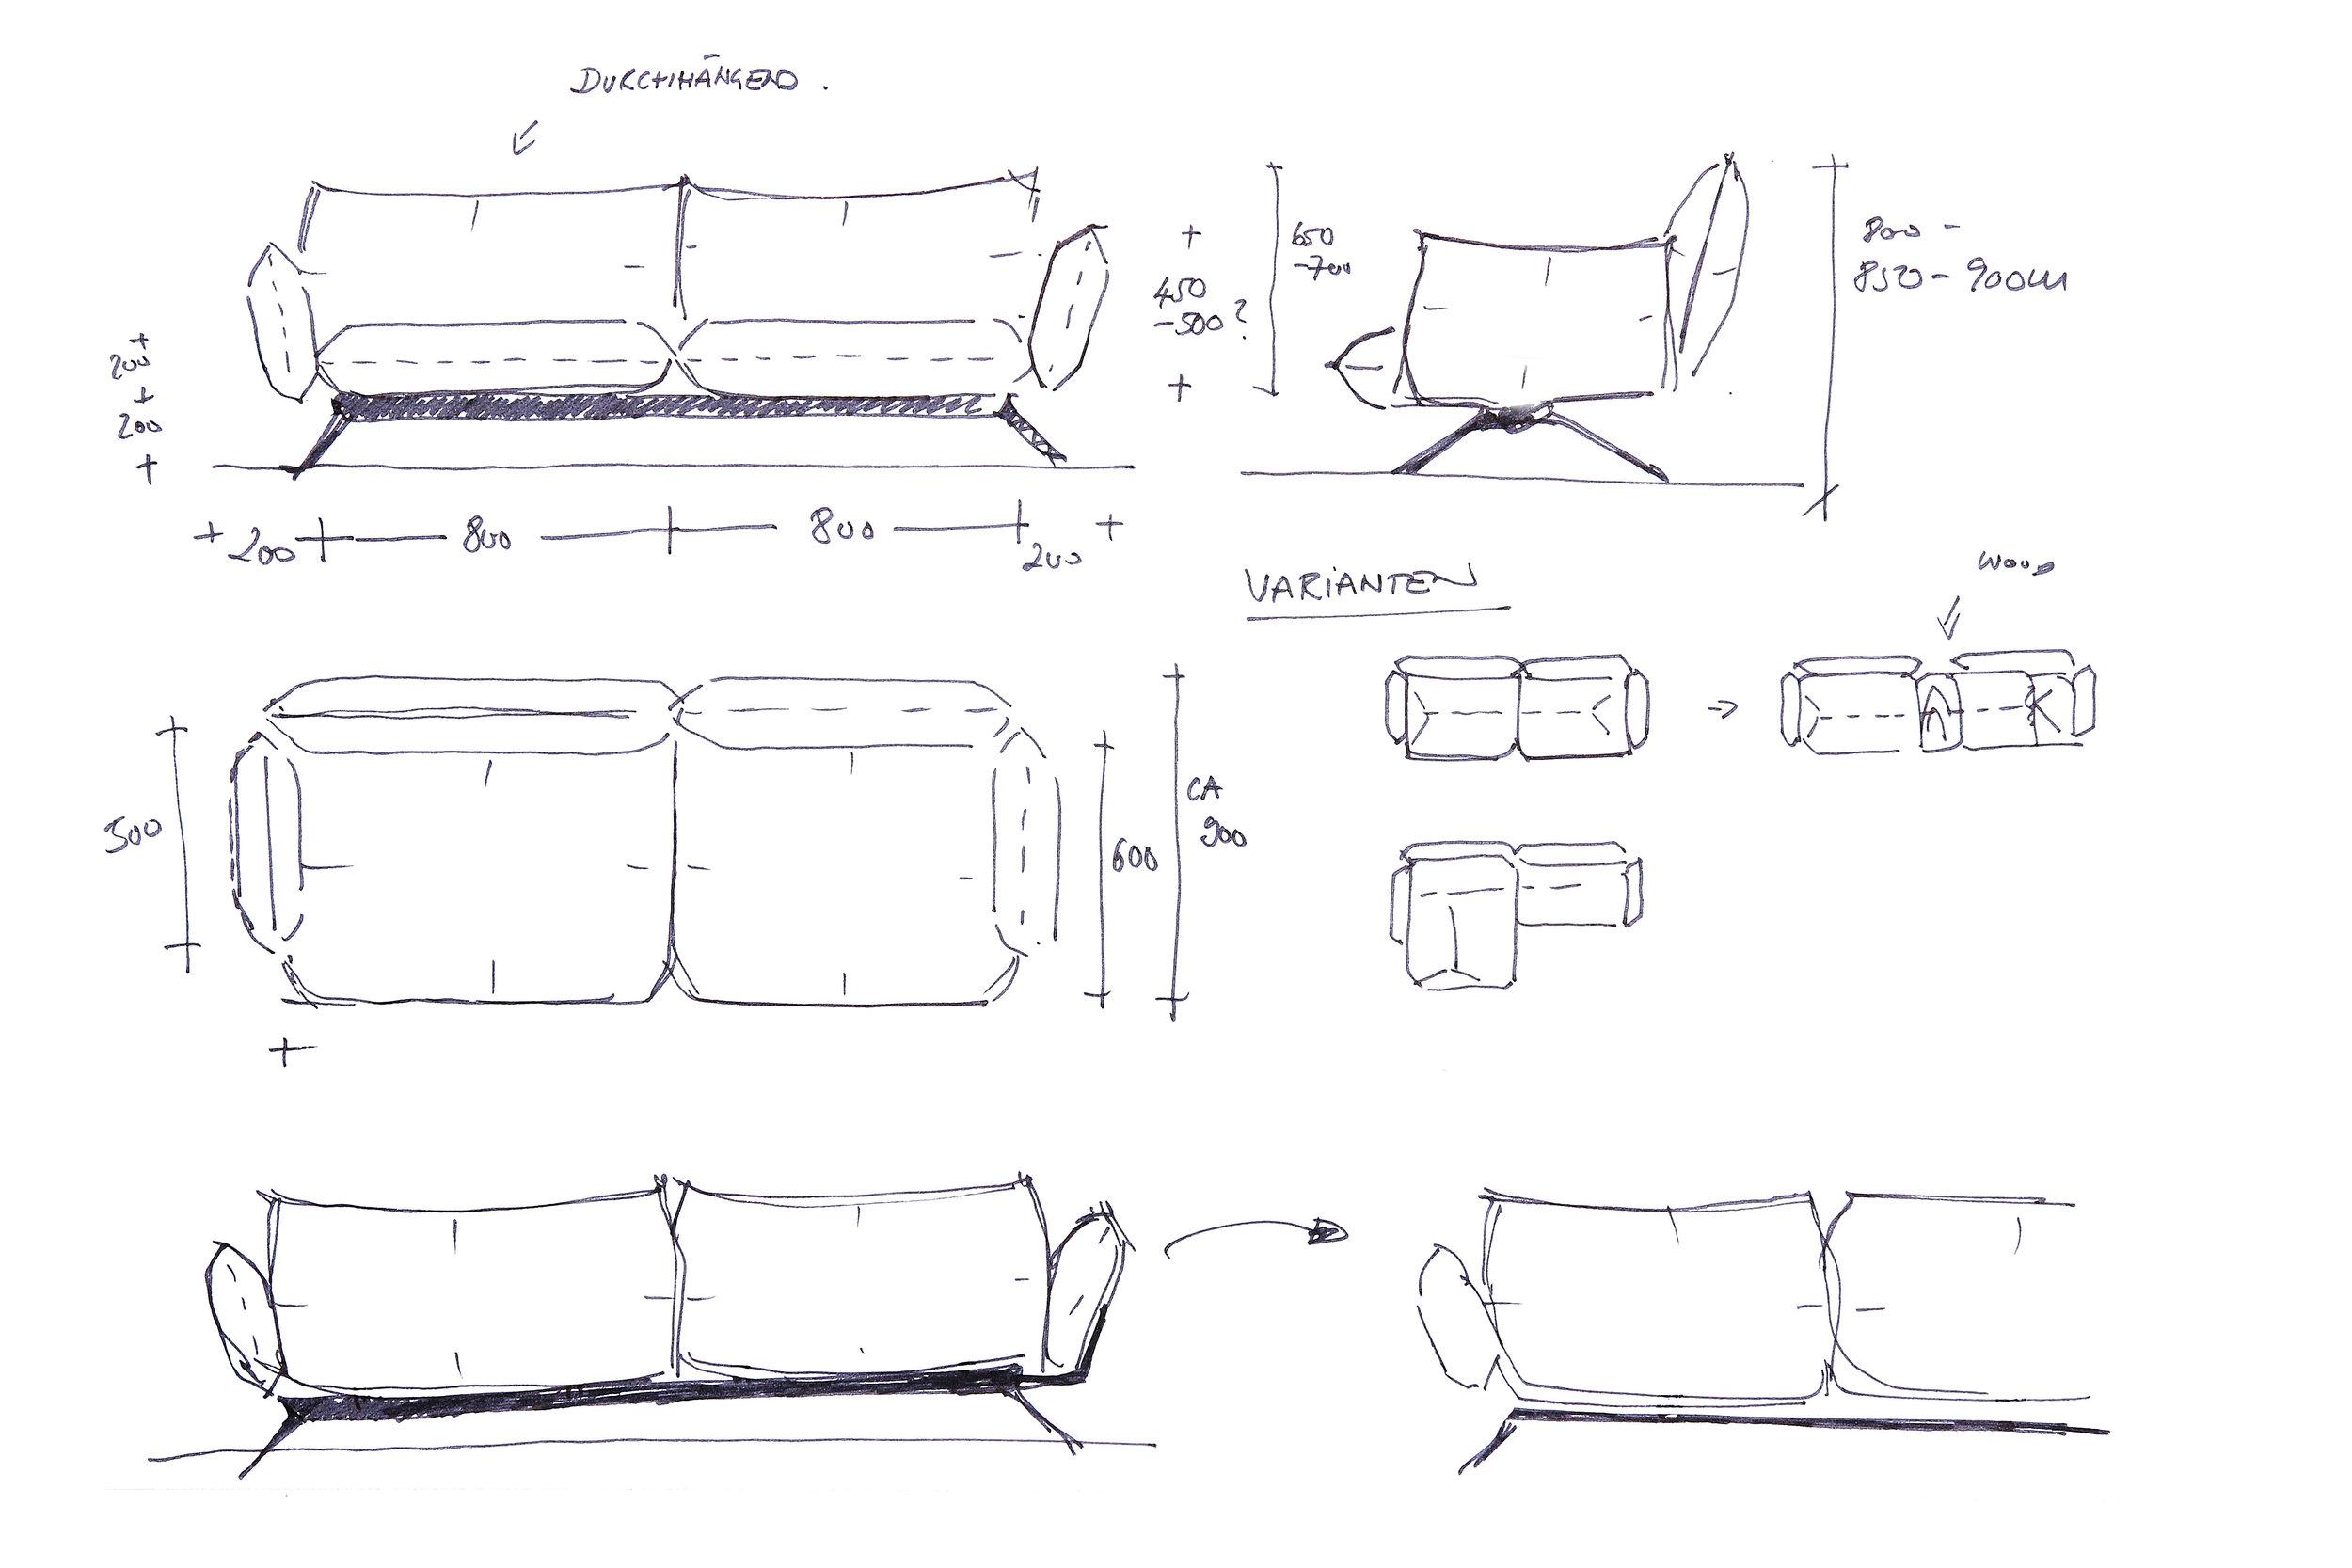 Johannes-Steinbauer-Design-Invert-Sofa-Softline-Making-Of-10.jpg